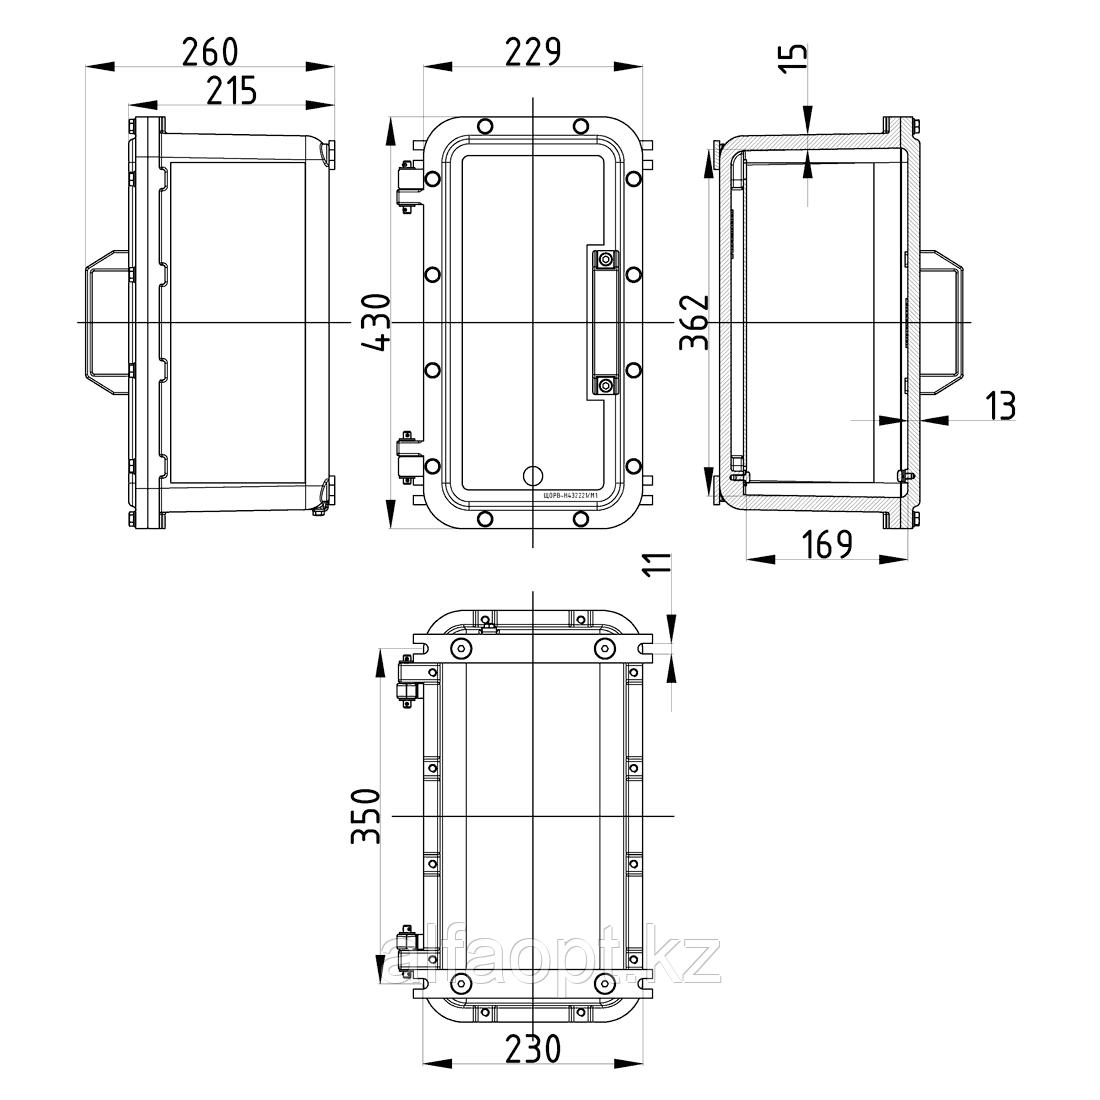 Взрывозащищенная коробка ЩОРВ-Н432221 (взрывонепроницаемая оболочка) из нержавеющей стали